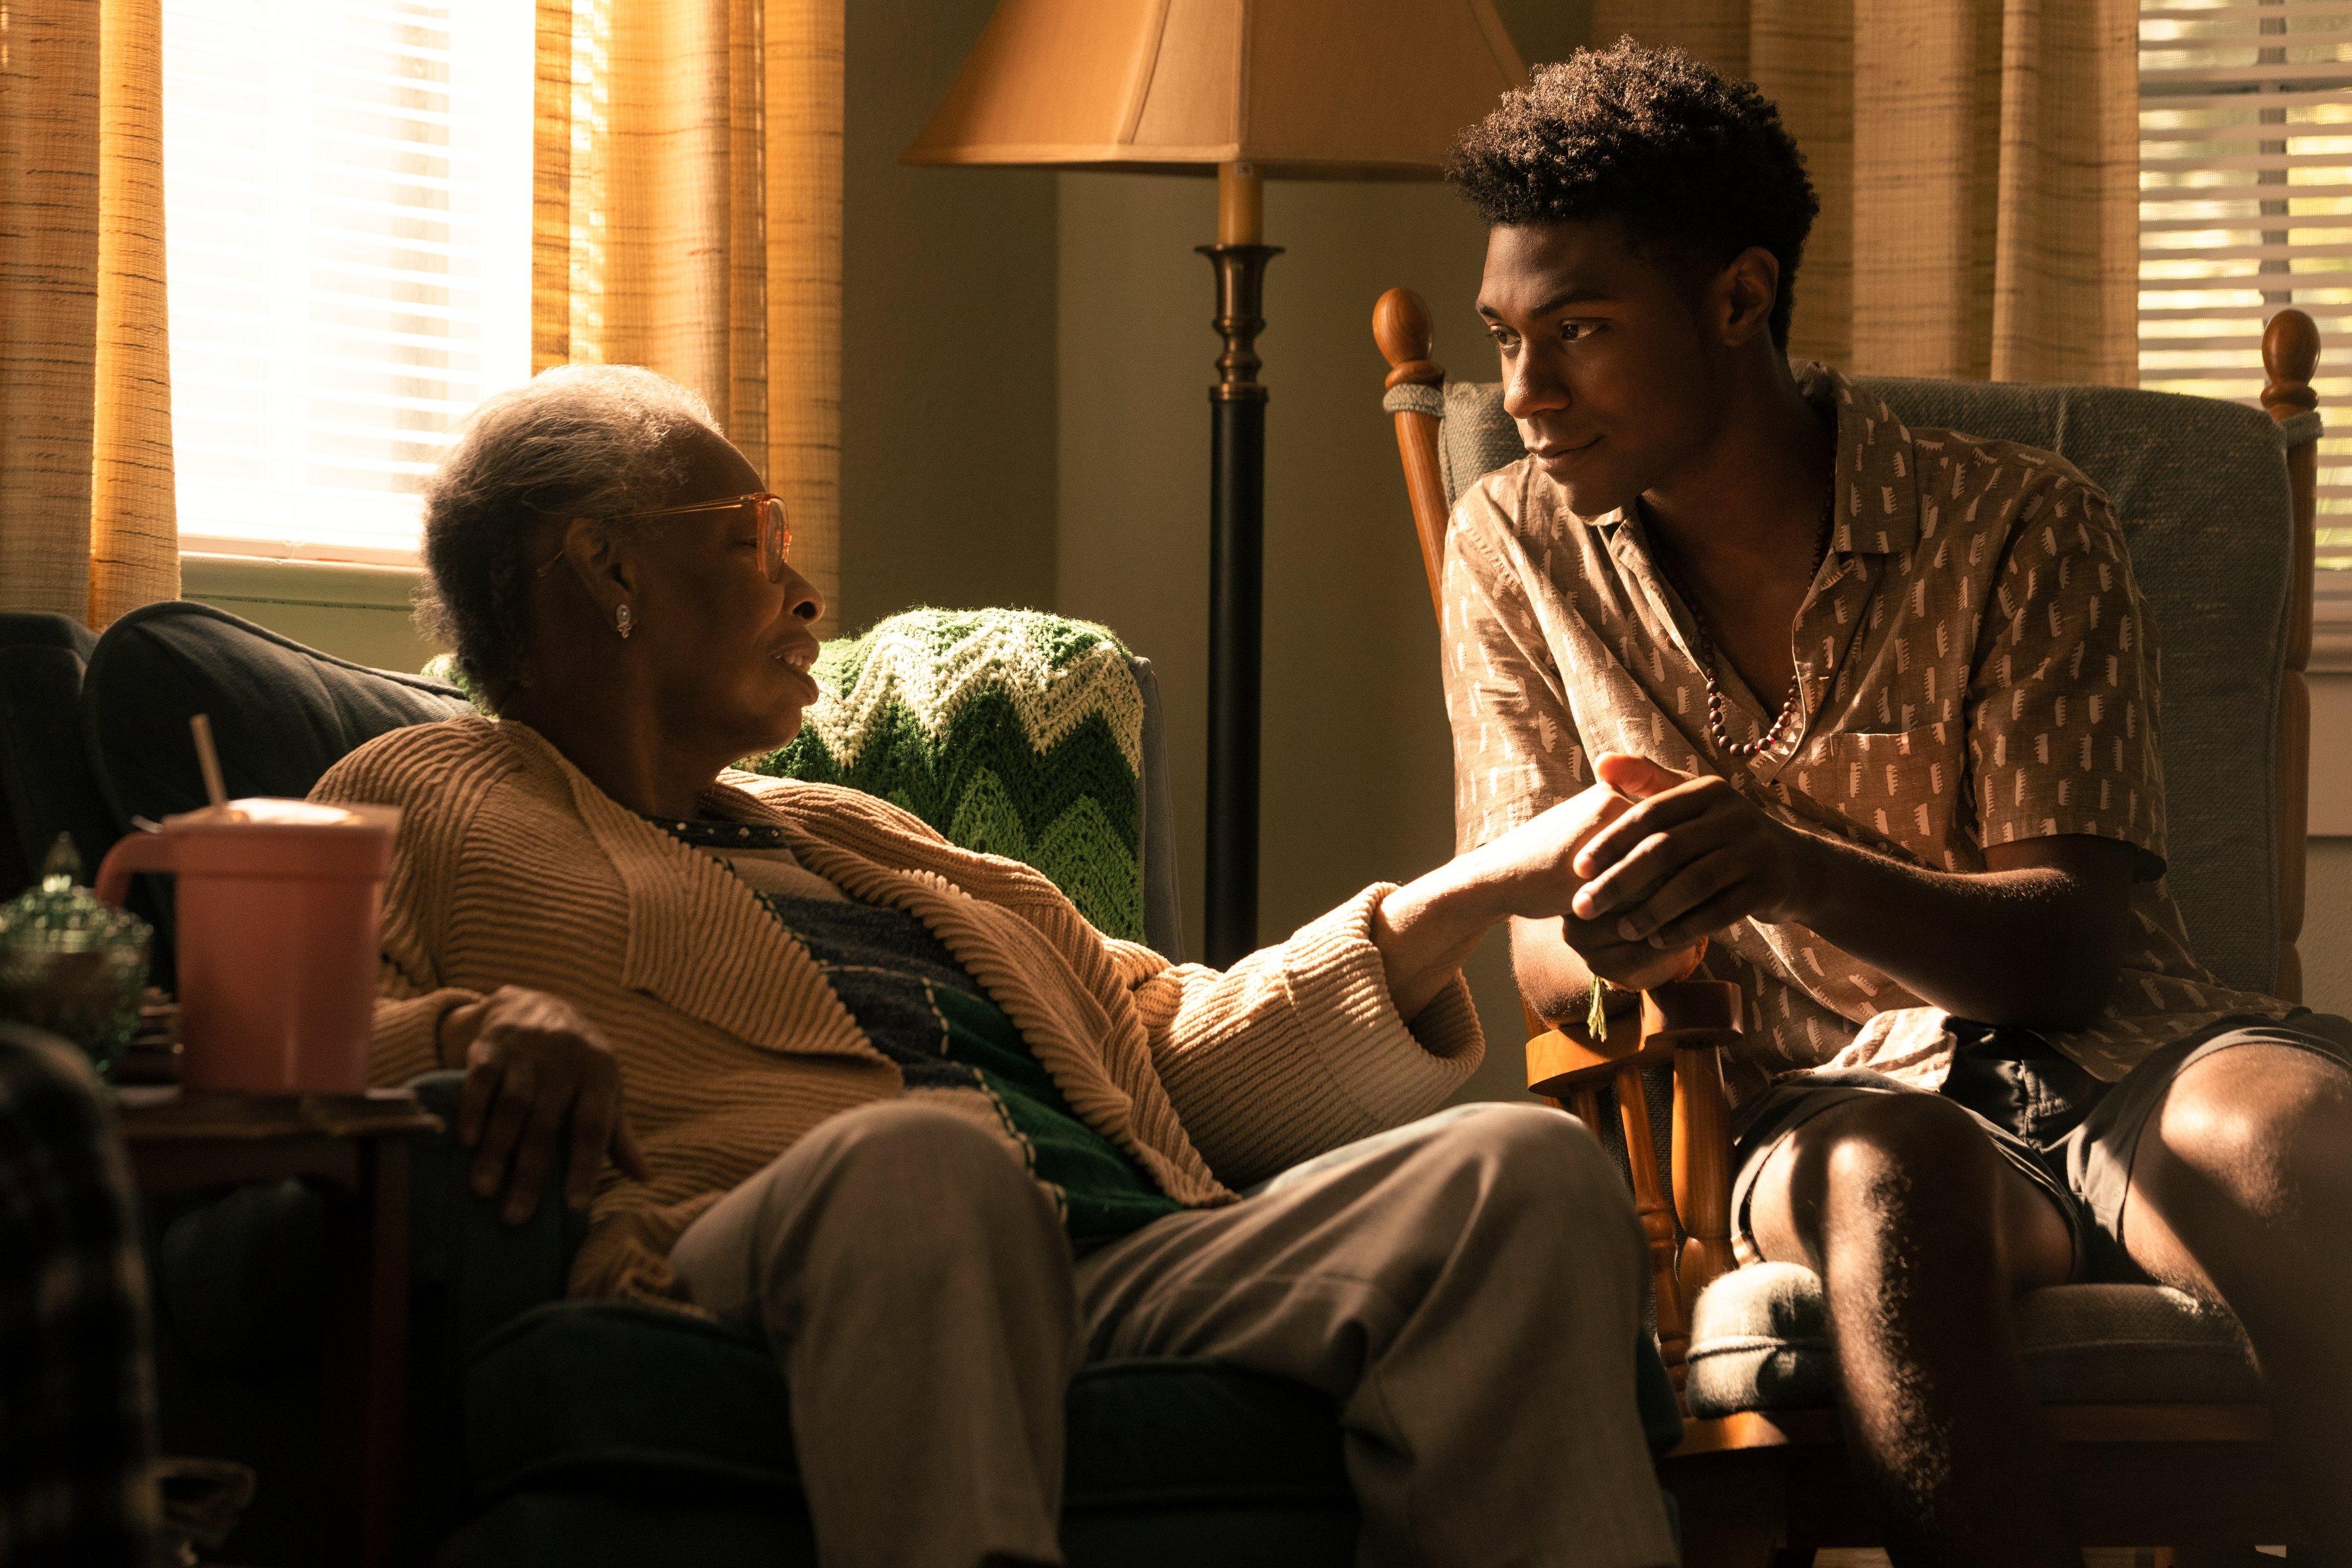 Pope e senhora que parece ser sua avó, eles estão segurando a mão um do outro sentados em uma sala em cena de Outer Banks